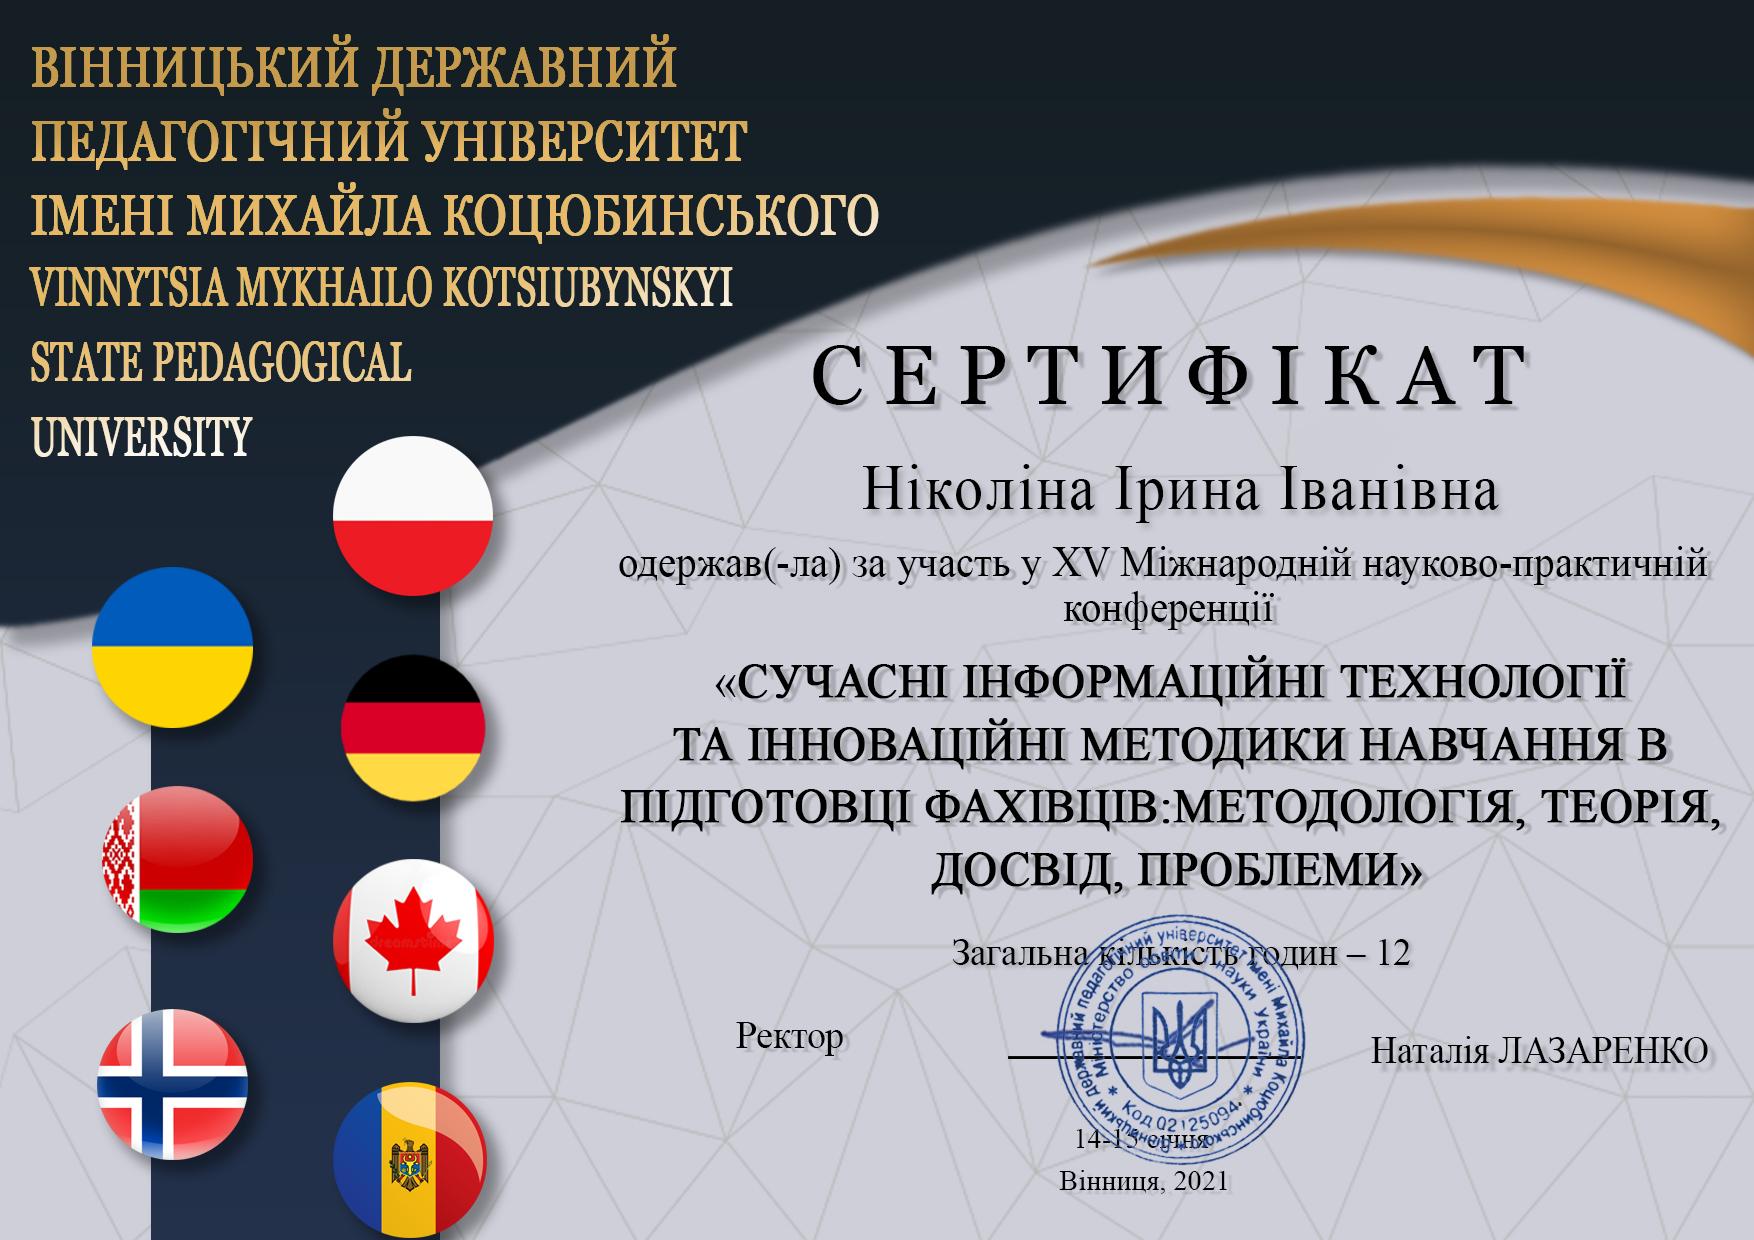 Ніколіна Ірина Іванівна